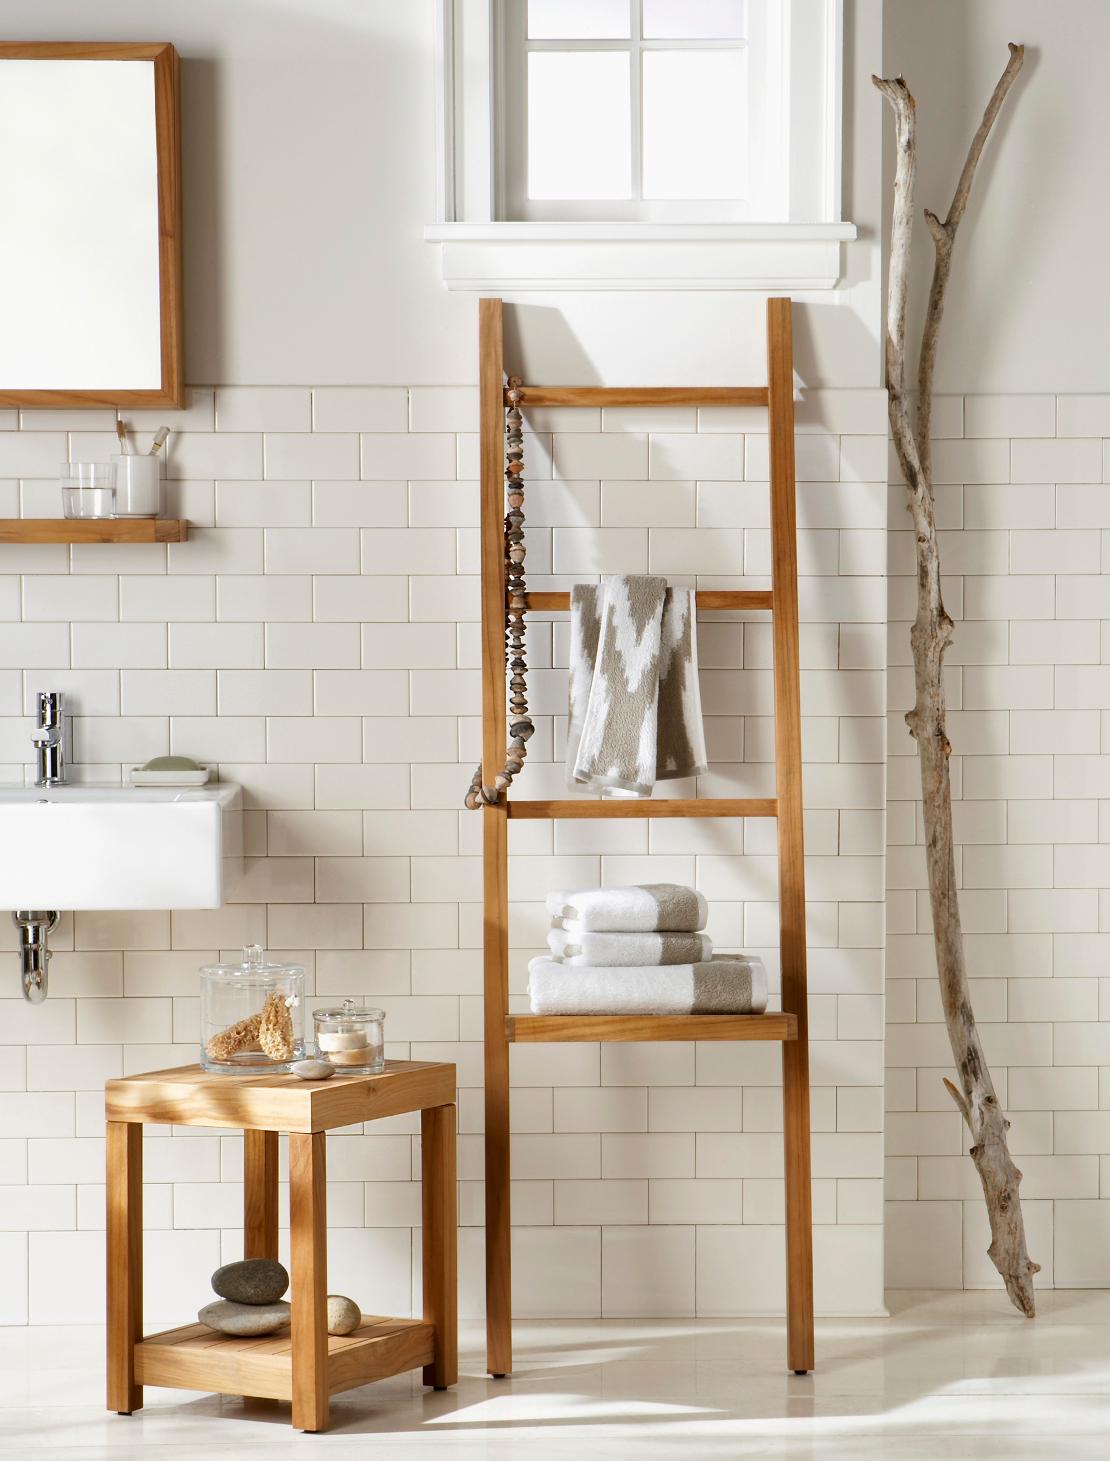 Escada usada como toalheiro dá o toque especial à decoração do banheiro